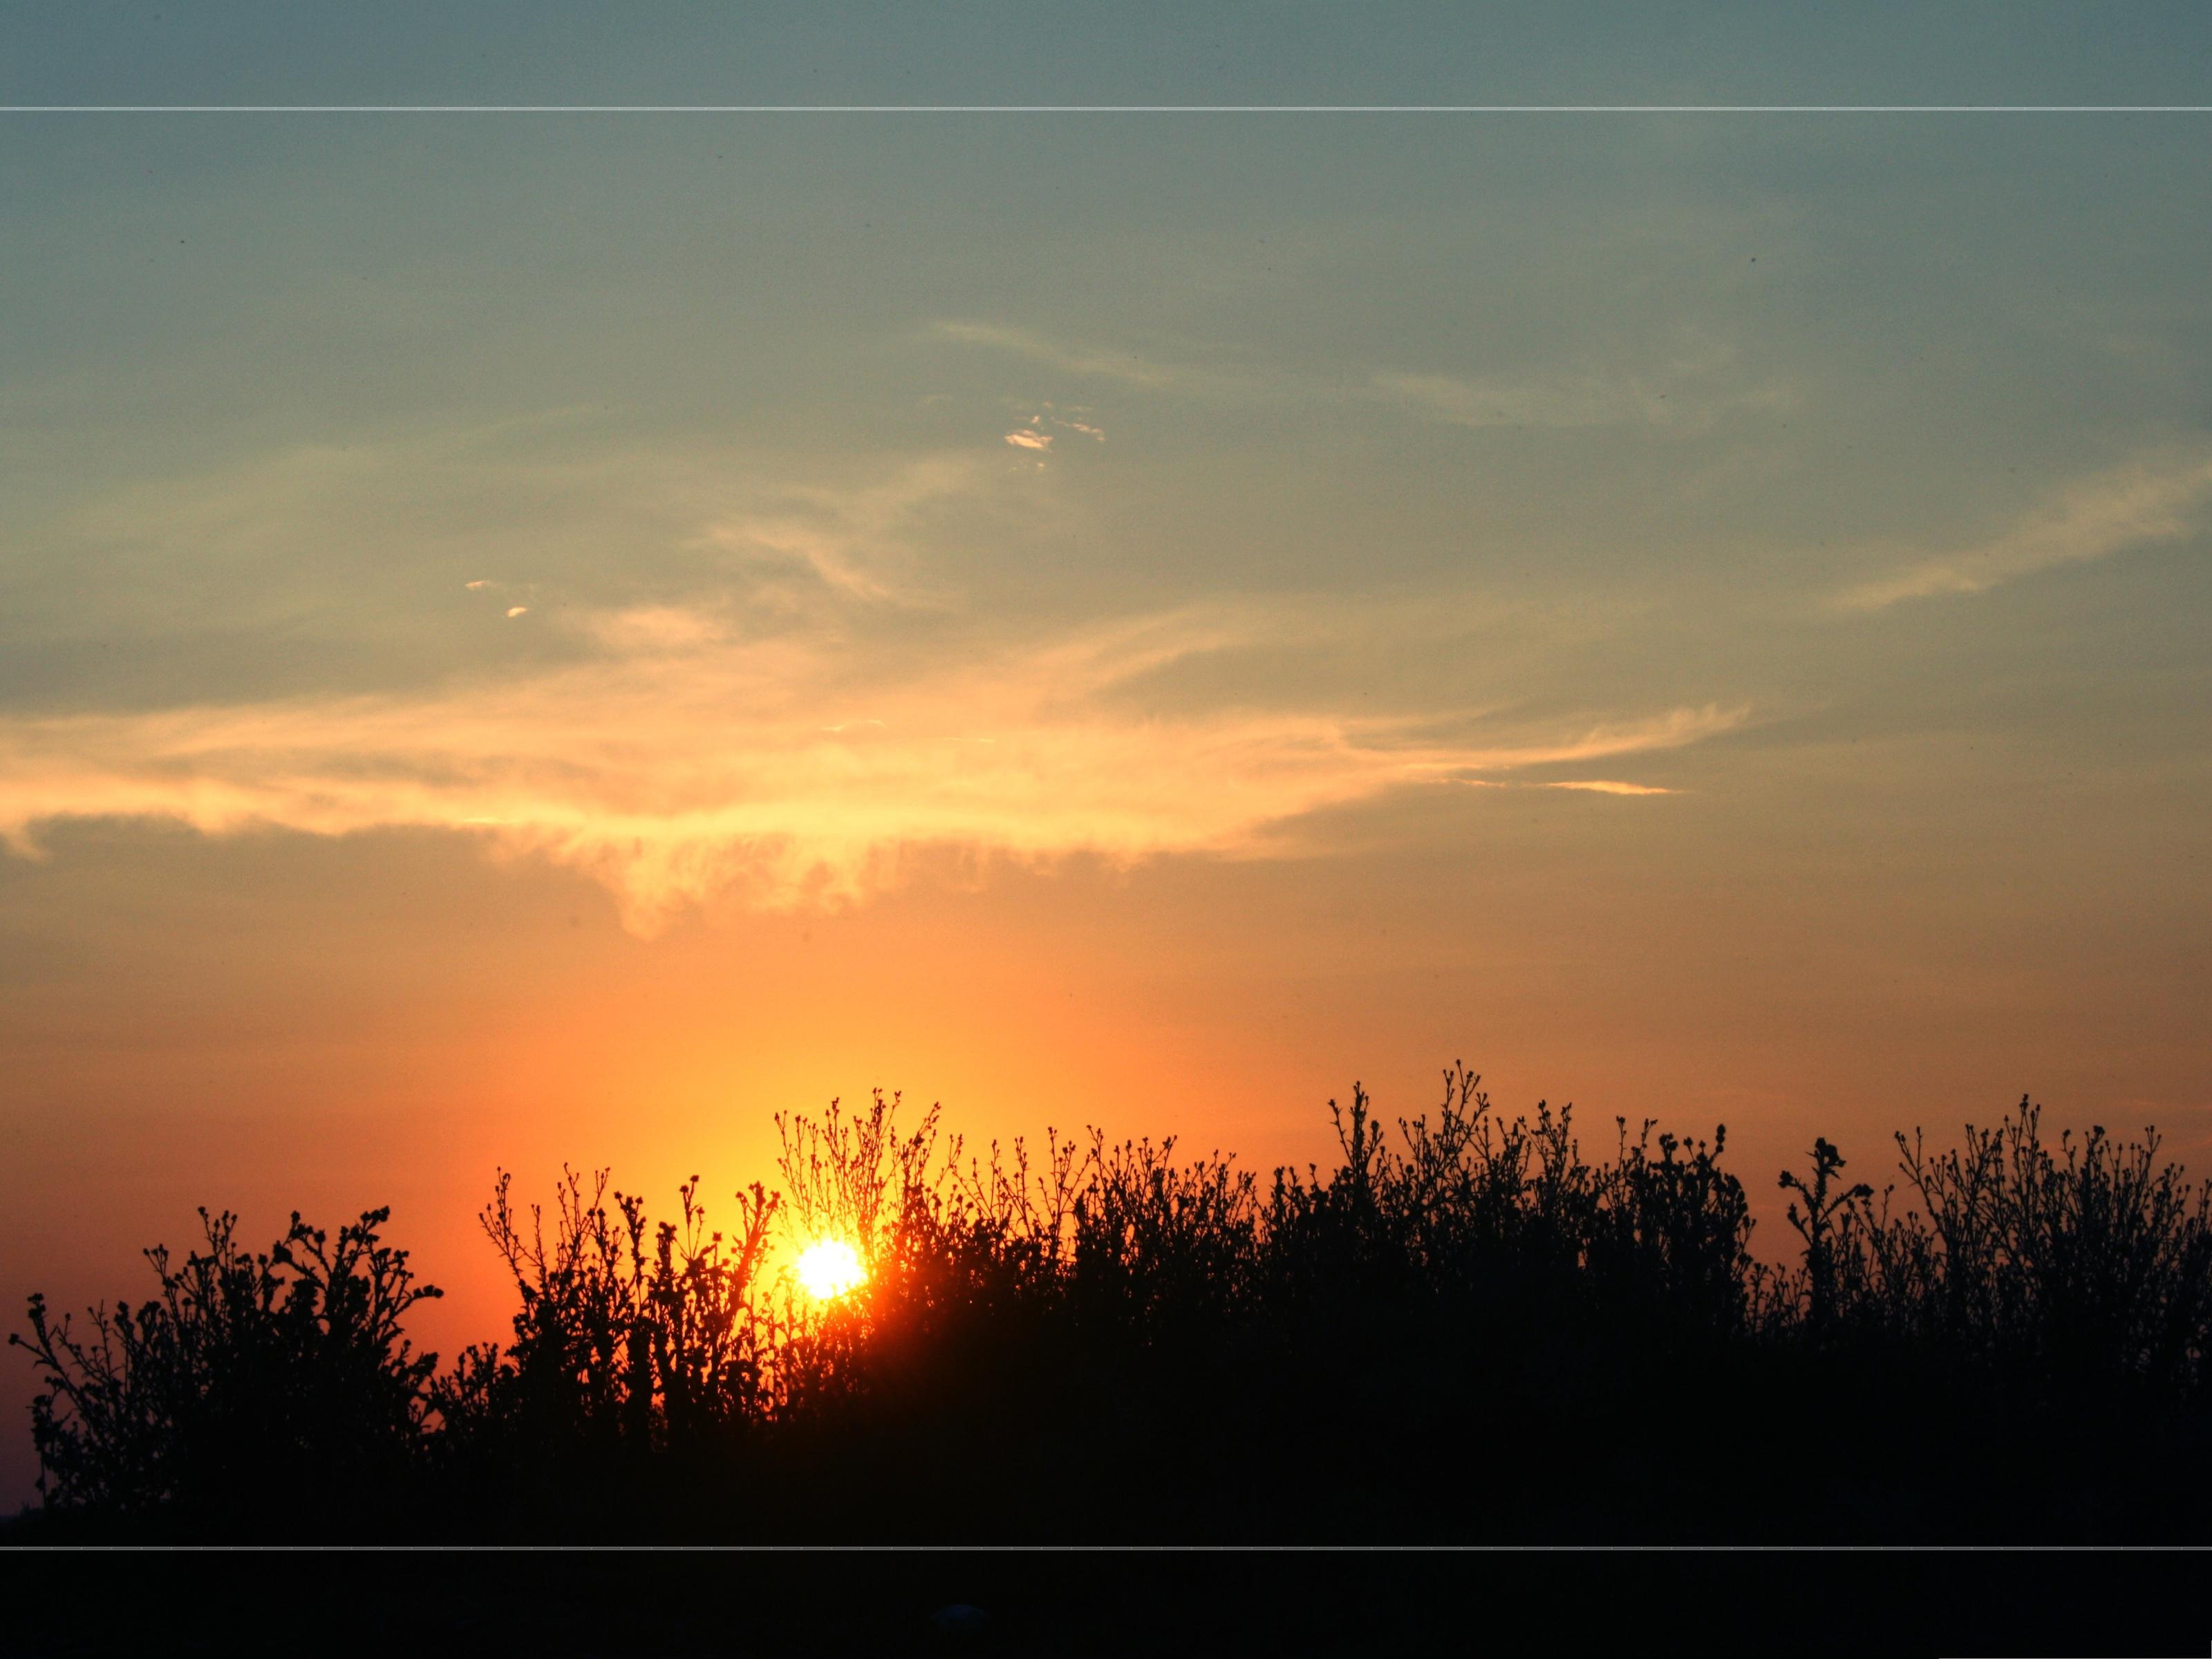 Rising sun embracing the dark sky 3200x2400 free wallpaper download